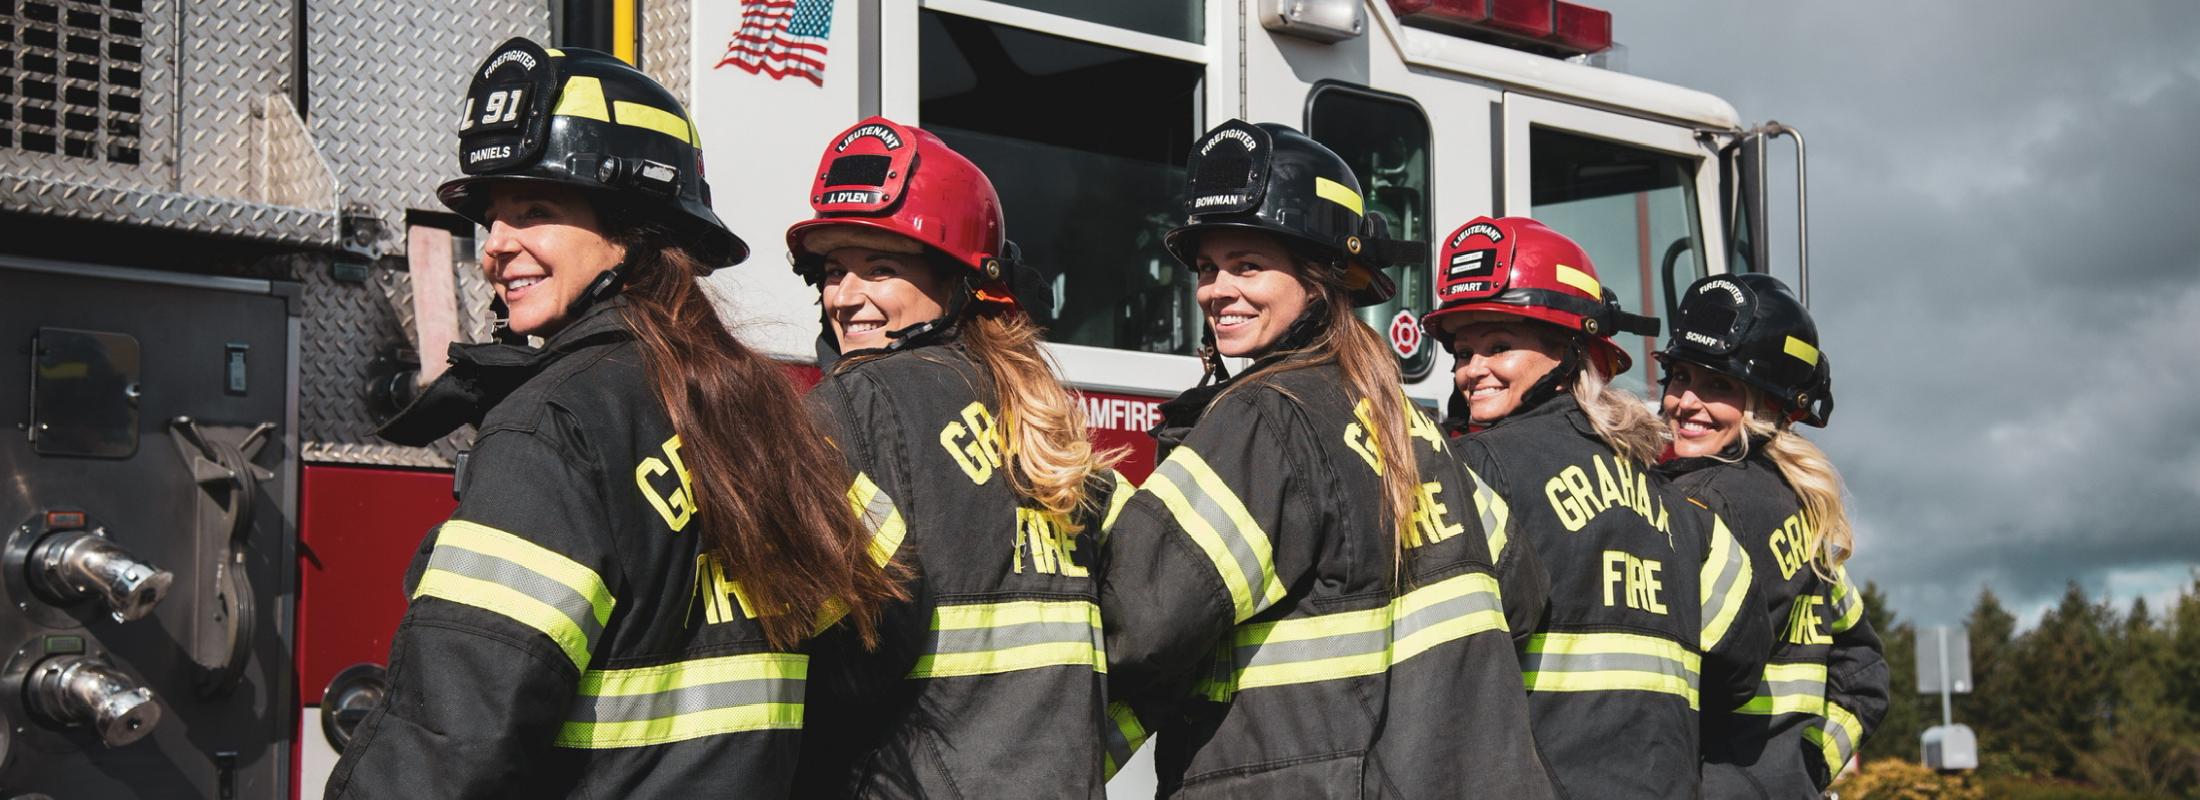 Female Fire Camp